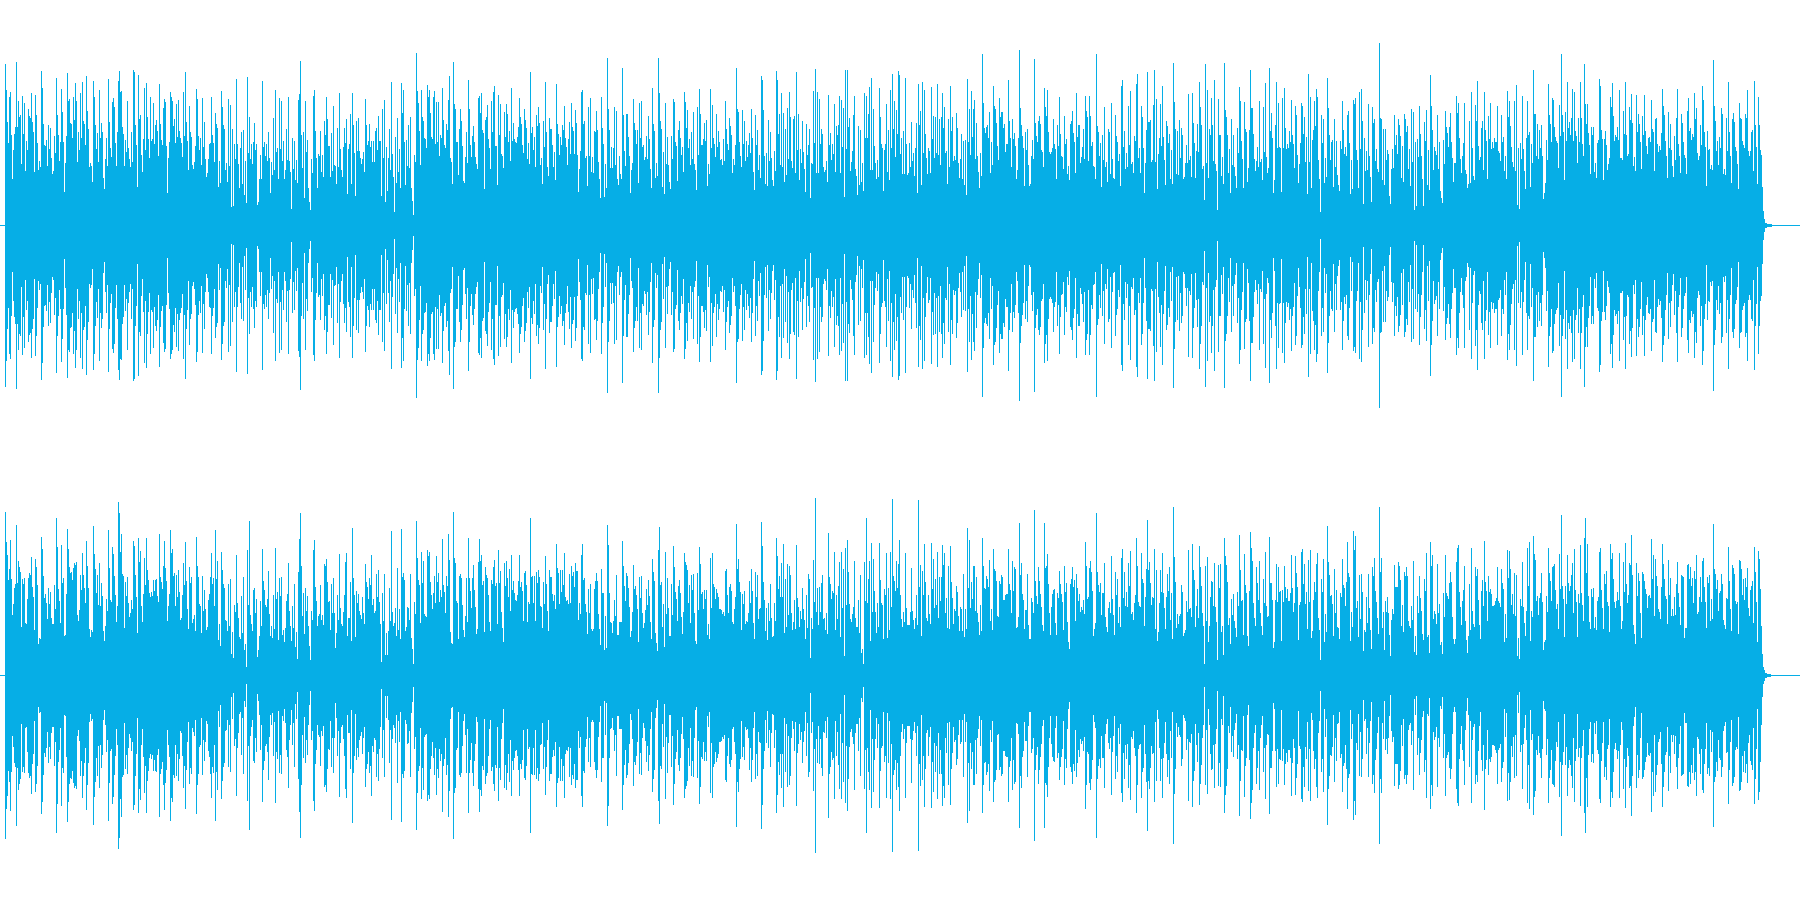 緩やかでまったりとしたシンセポップスの再生済みの波形